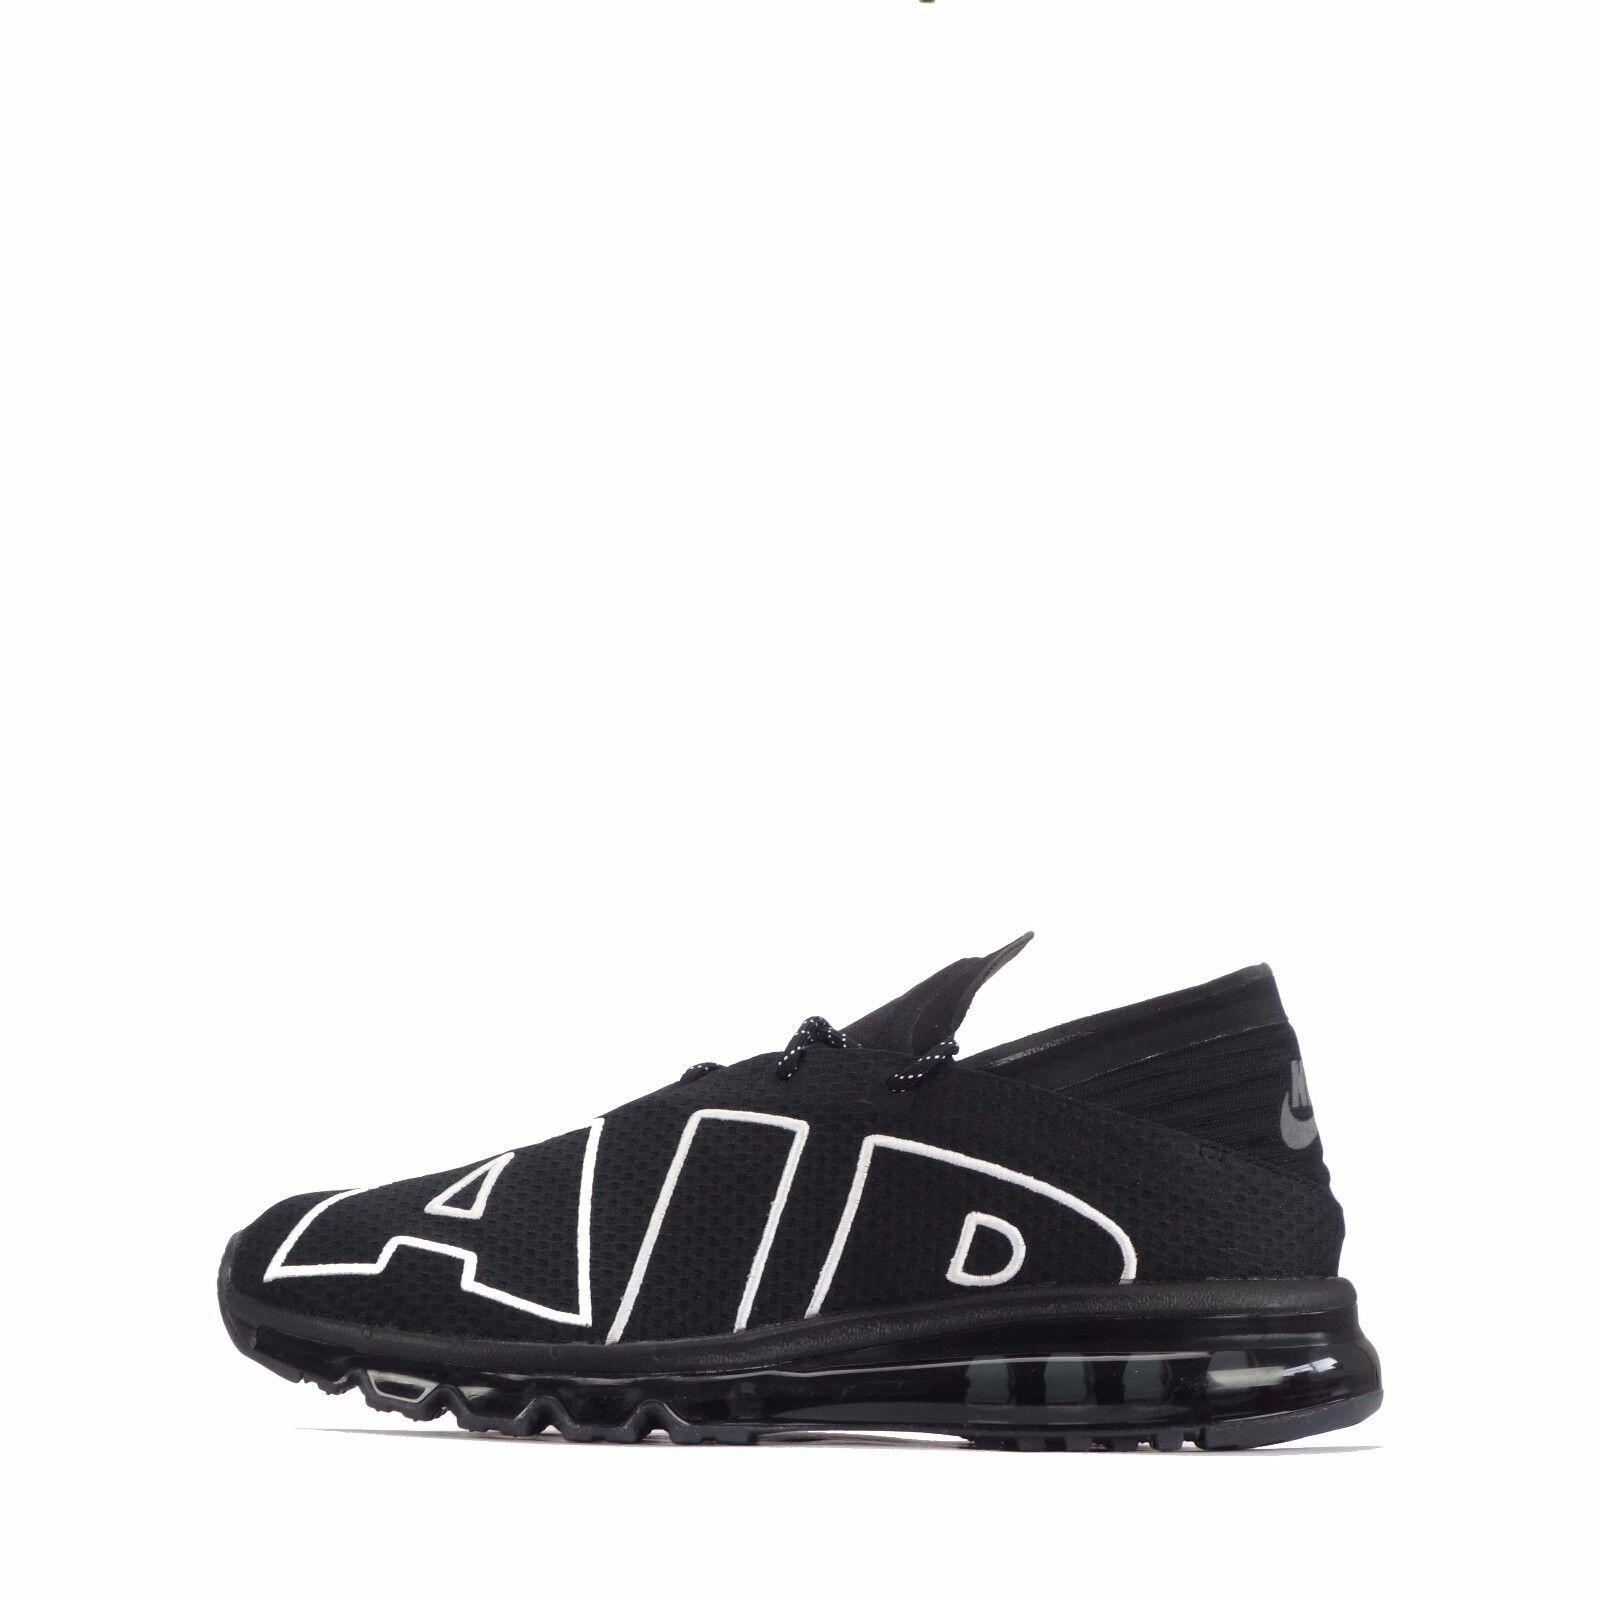 Nike Air Max Flair MEN'S shoes scarpe da ginnastica nero/bianco nero/bianco nero/bianco | Di Alta Qualità E Basso Overhead  | Uomini/Donna Scarpa  | Uomini/Donna Scarpa  fb833d